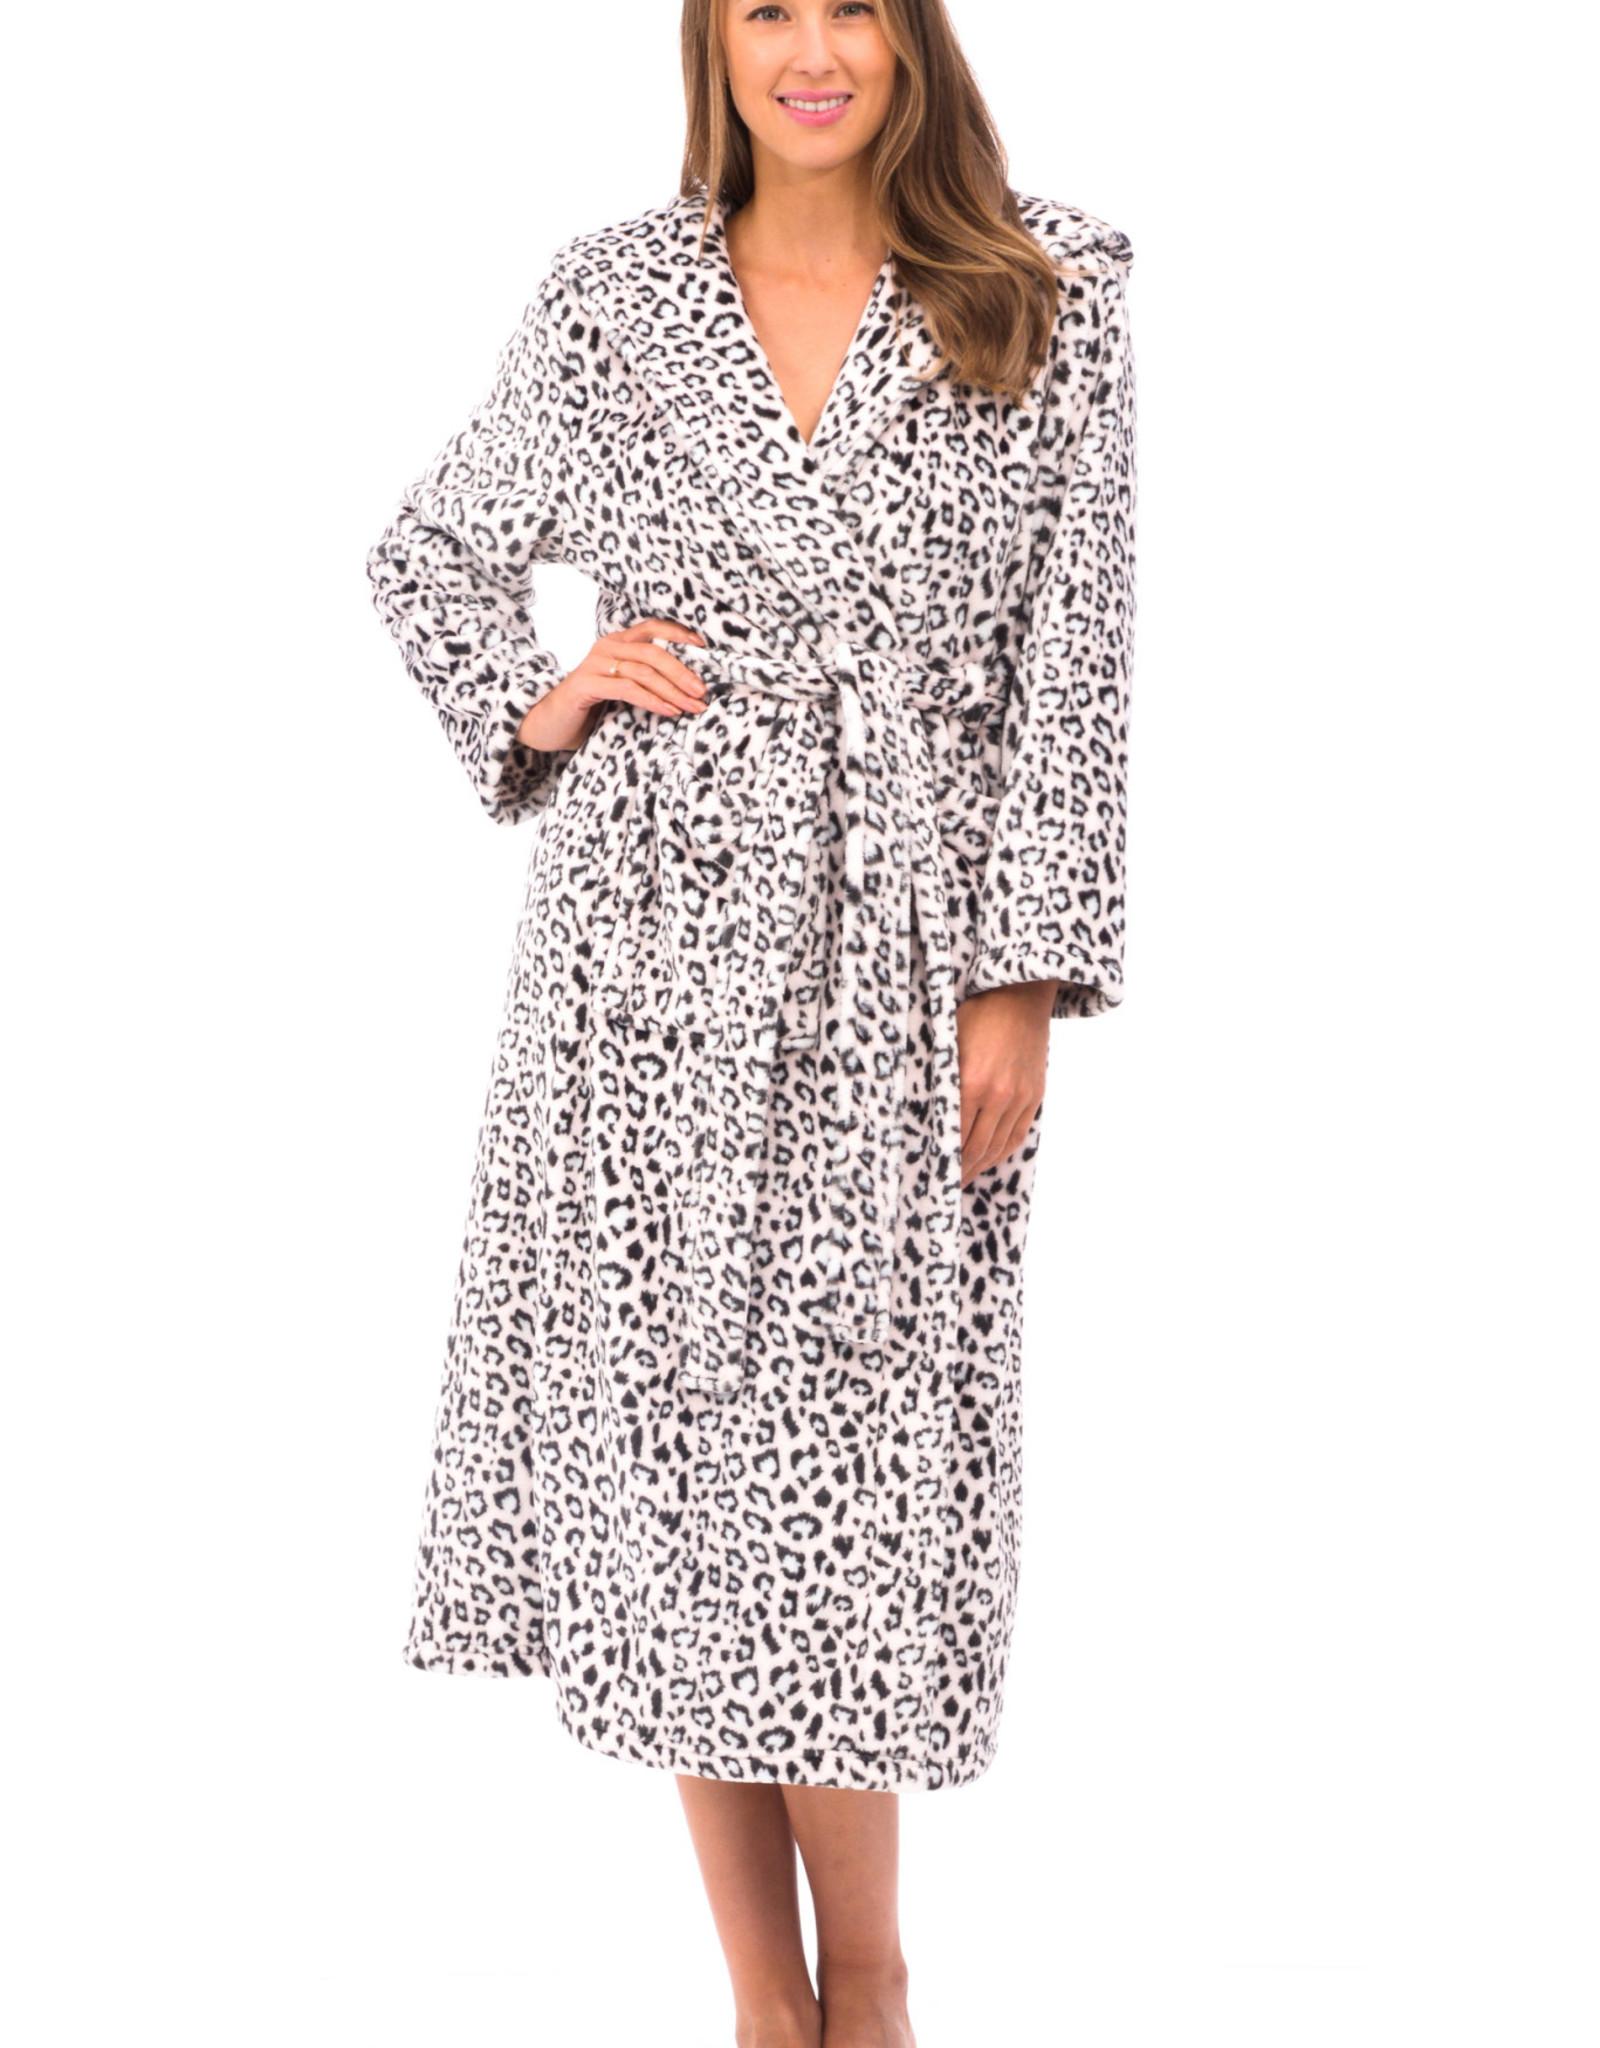 Robe De Chambre Longue Avec Poches Et Cordon Patricia 825 C Boutique Fashionista Et Douceur De Nuit